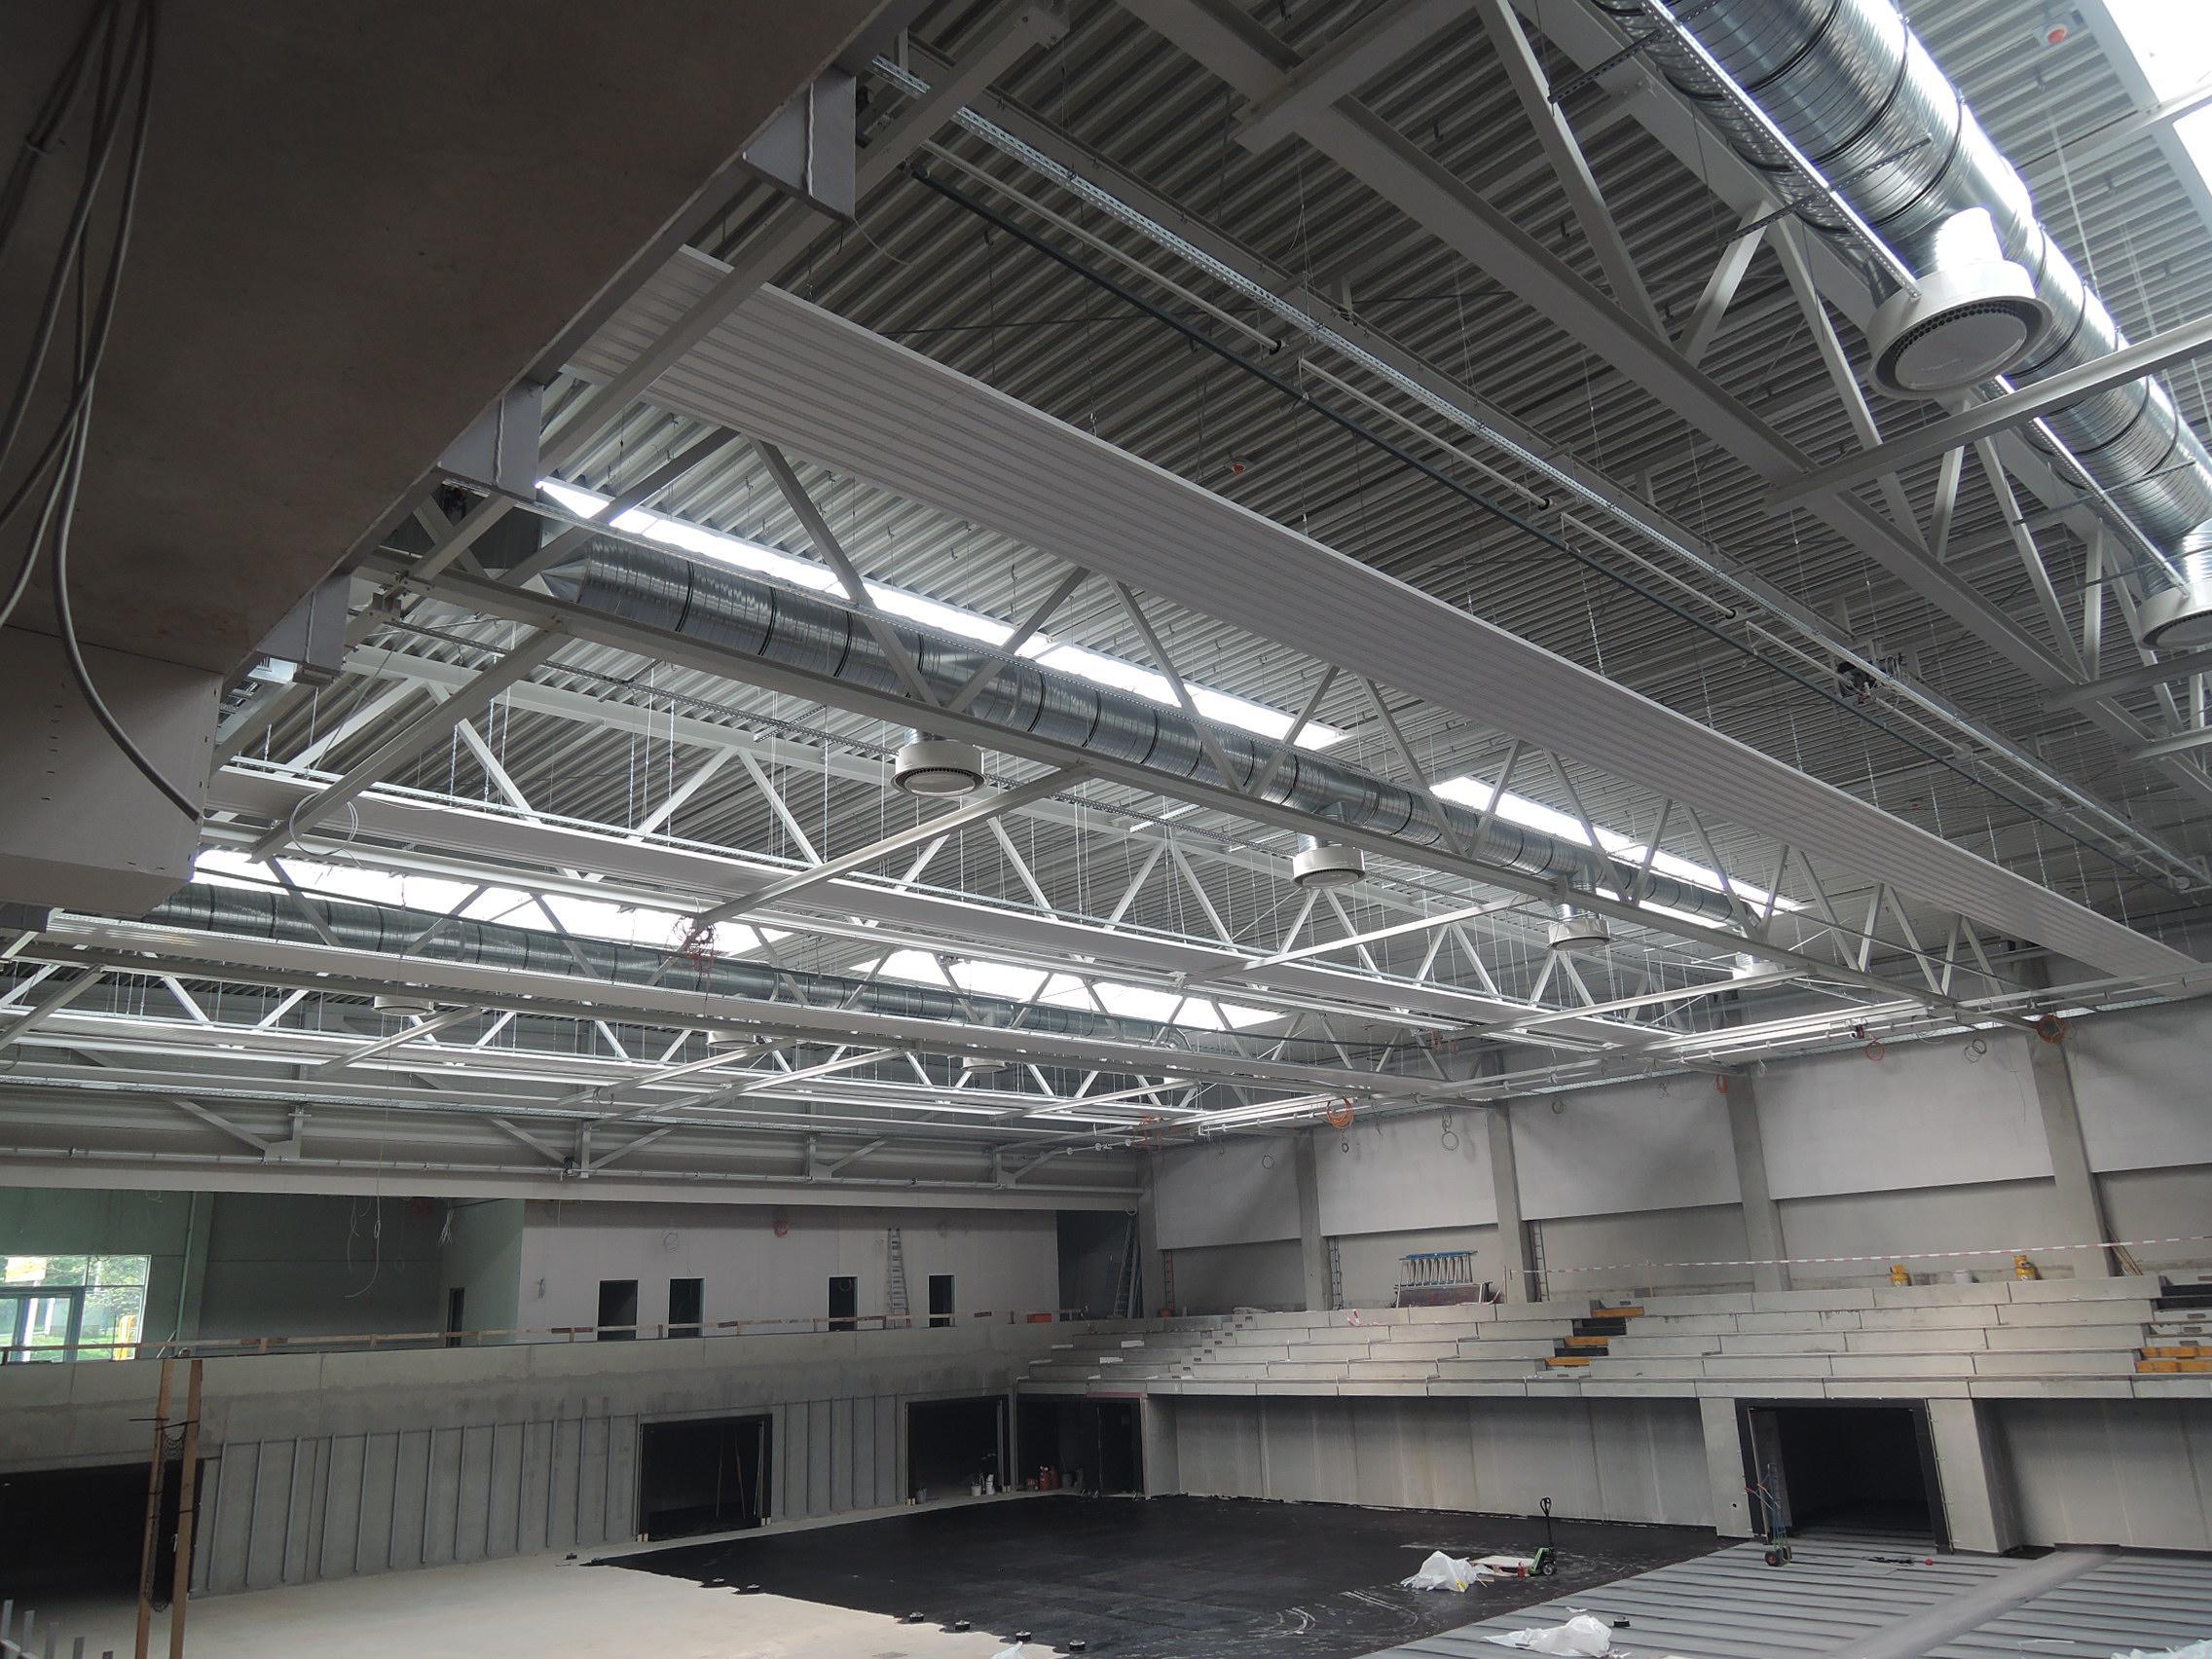 Baeder Halle GmbH